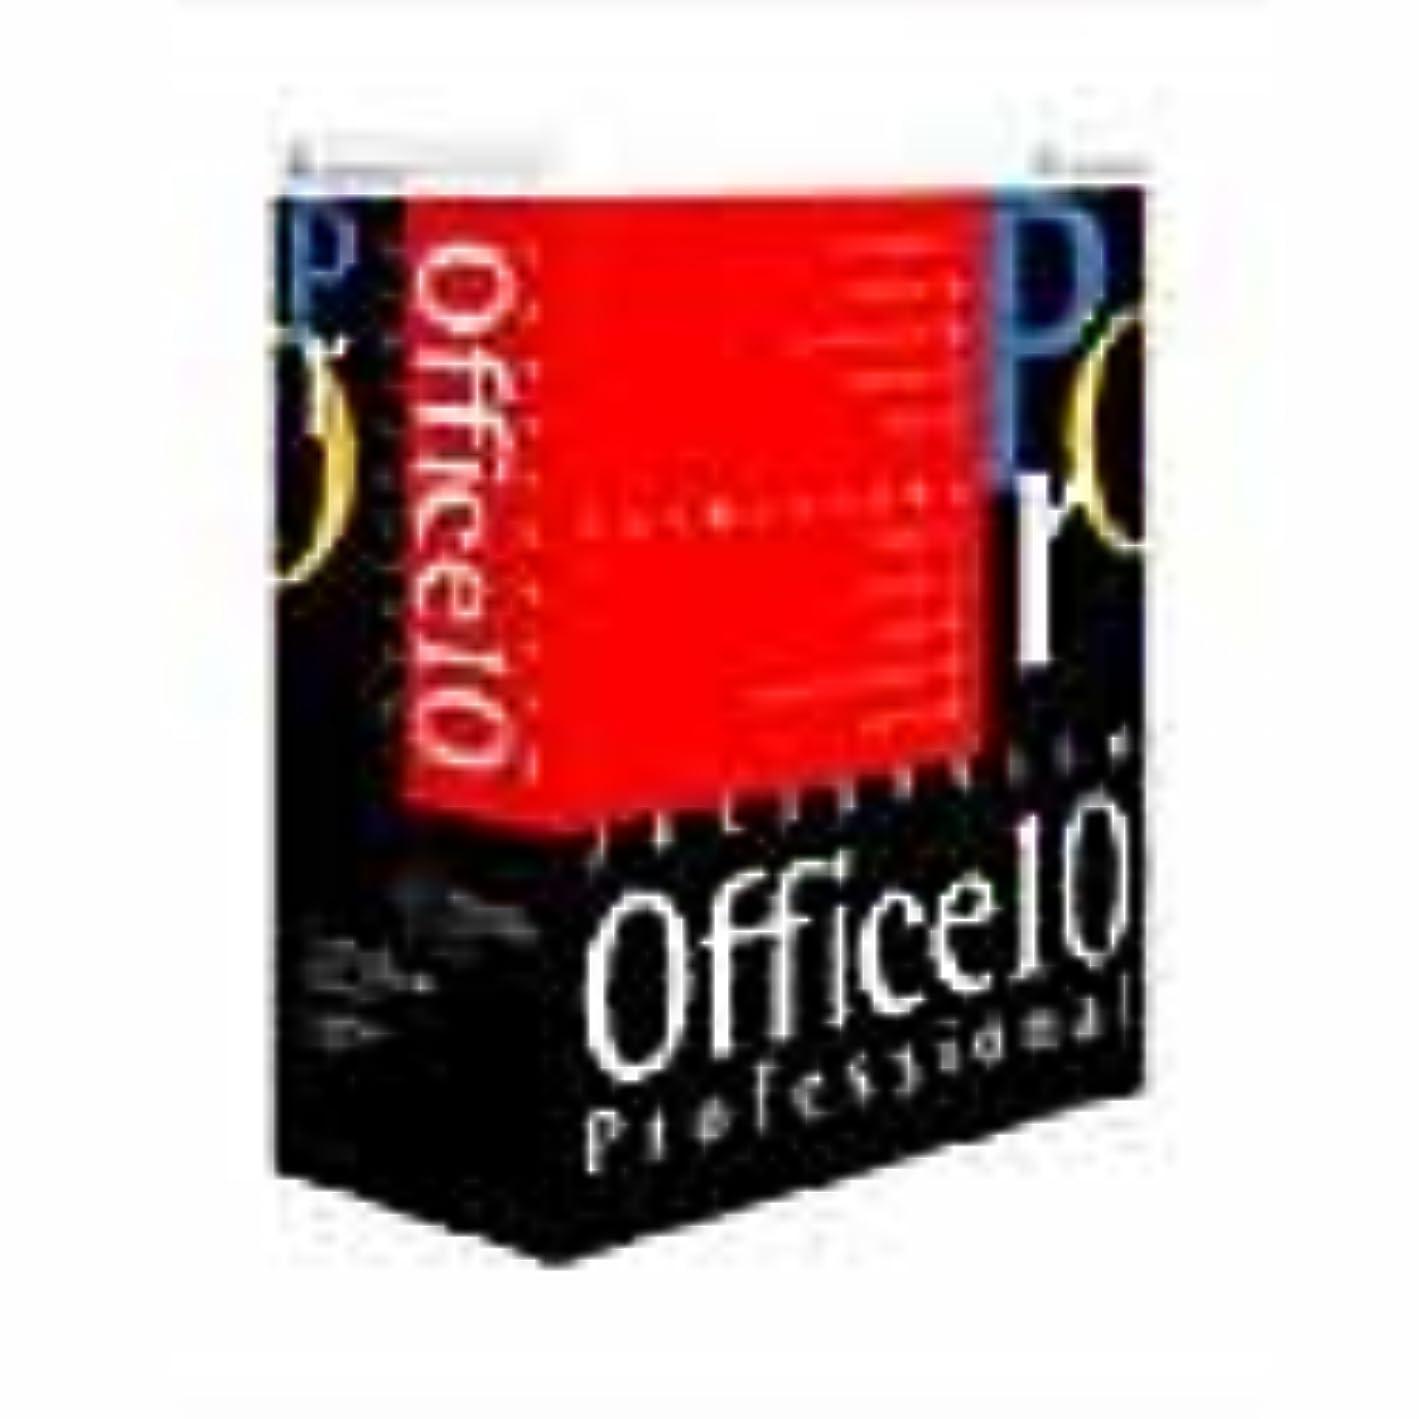 すべき壮大外科医Justsystem Office 10 Pro キャンパスキット